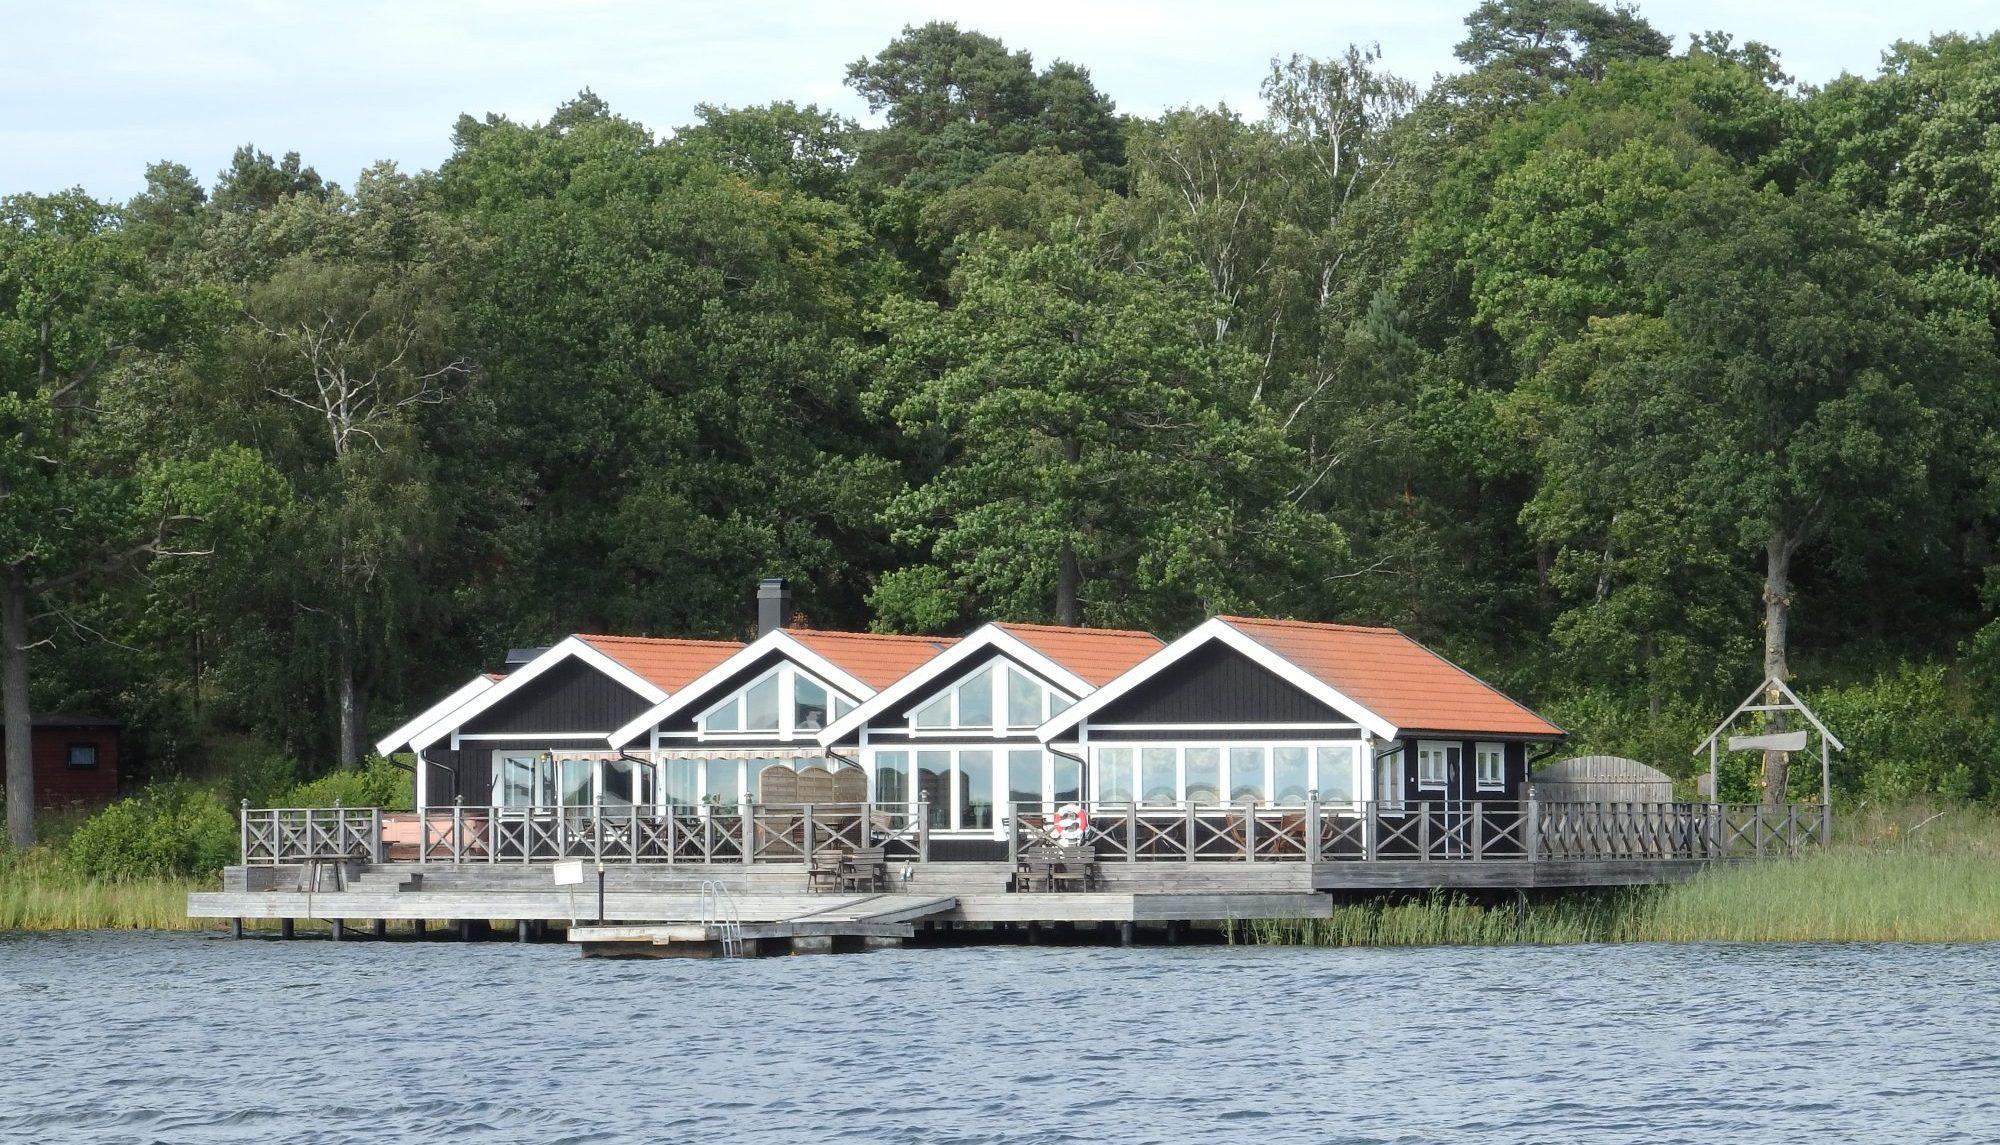 The sauna building on Nasslingen Island, Sweden